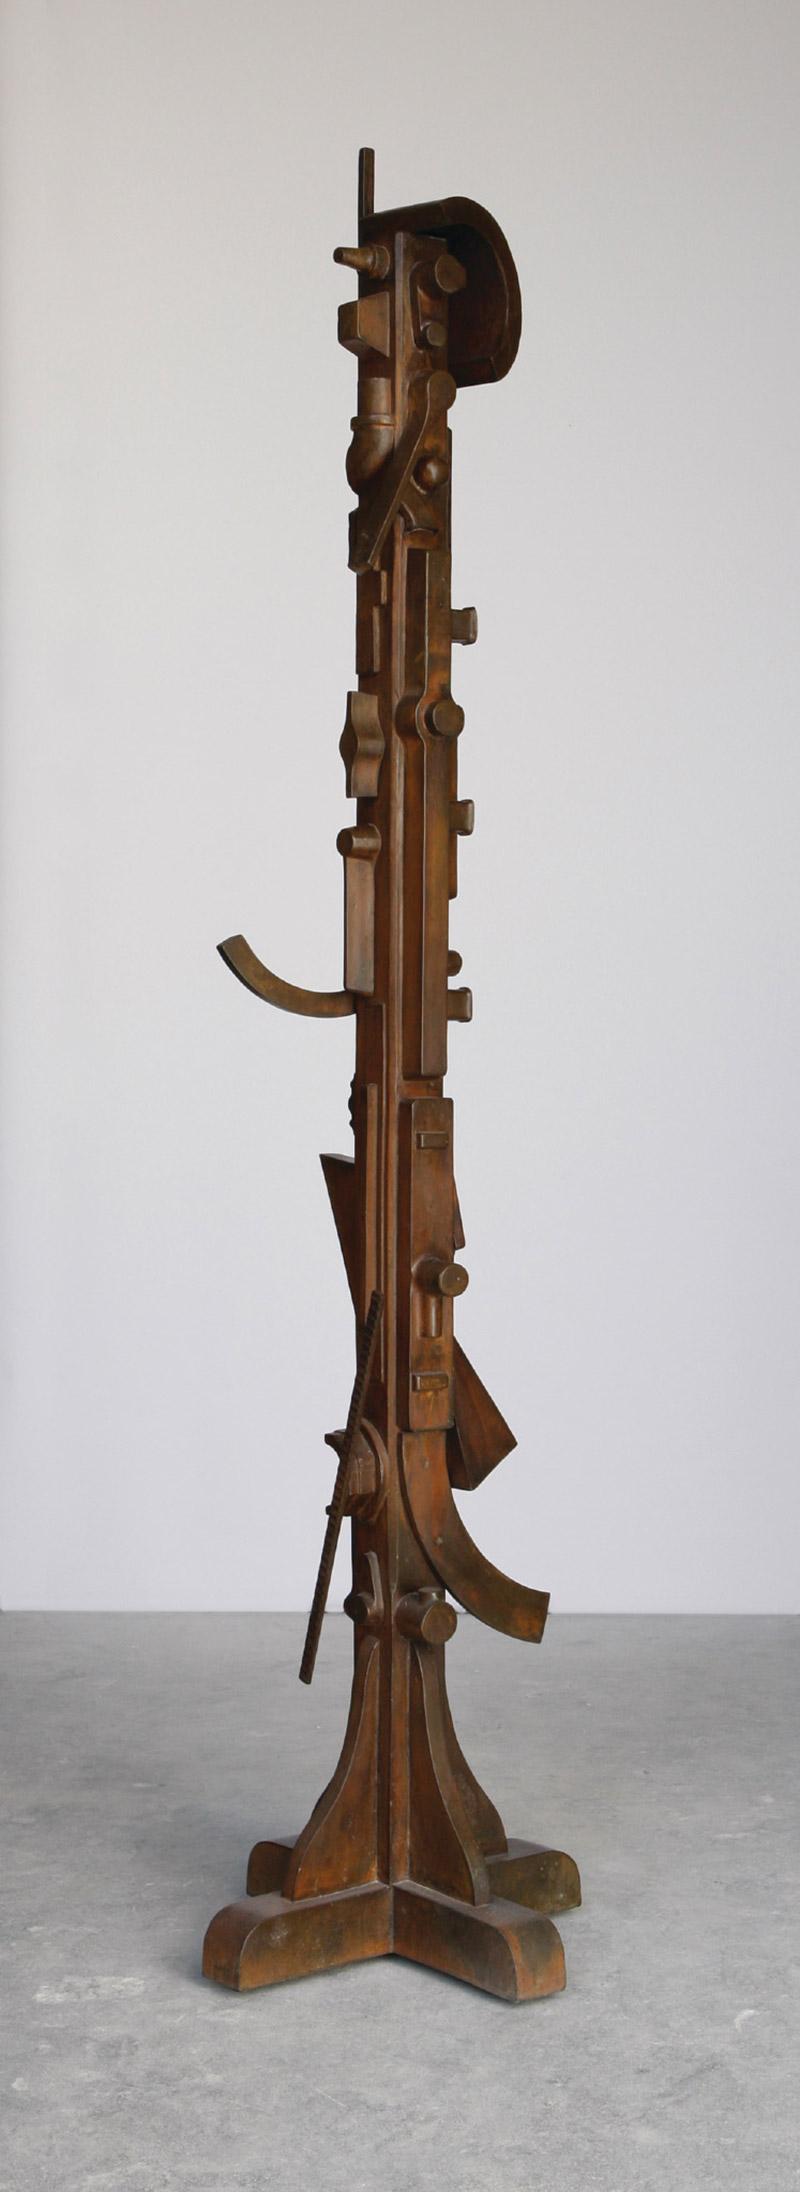 Robert Klippel '657' 5/6 (1987) bronze182 x 46cm $100,000